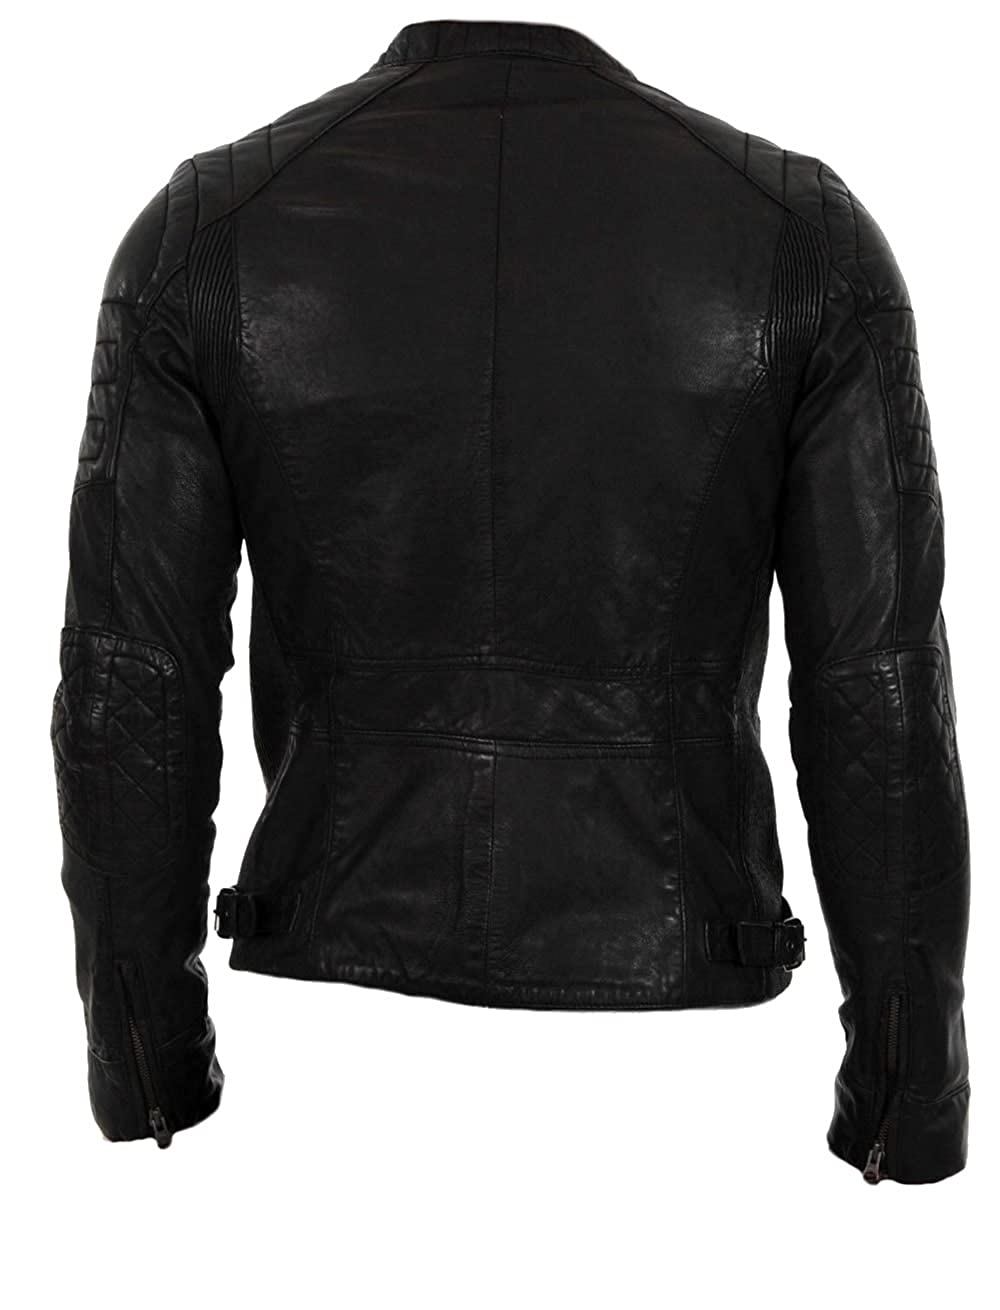 SleekHides Mens Fashion Real Leather Biker Jacket at Amazon Mens Clothing store: